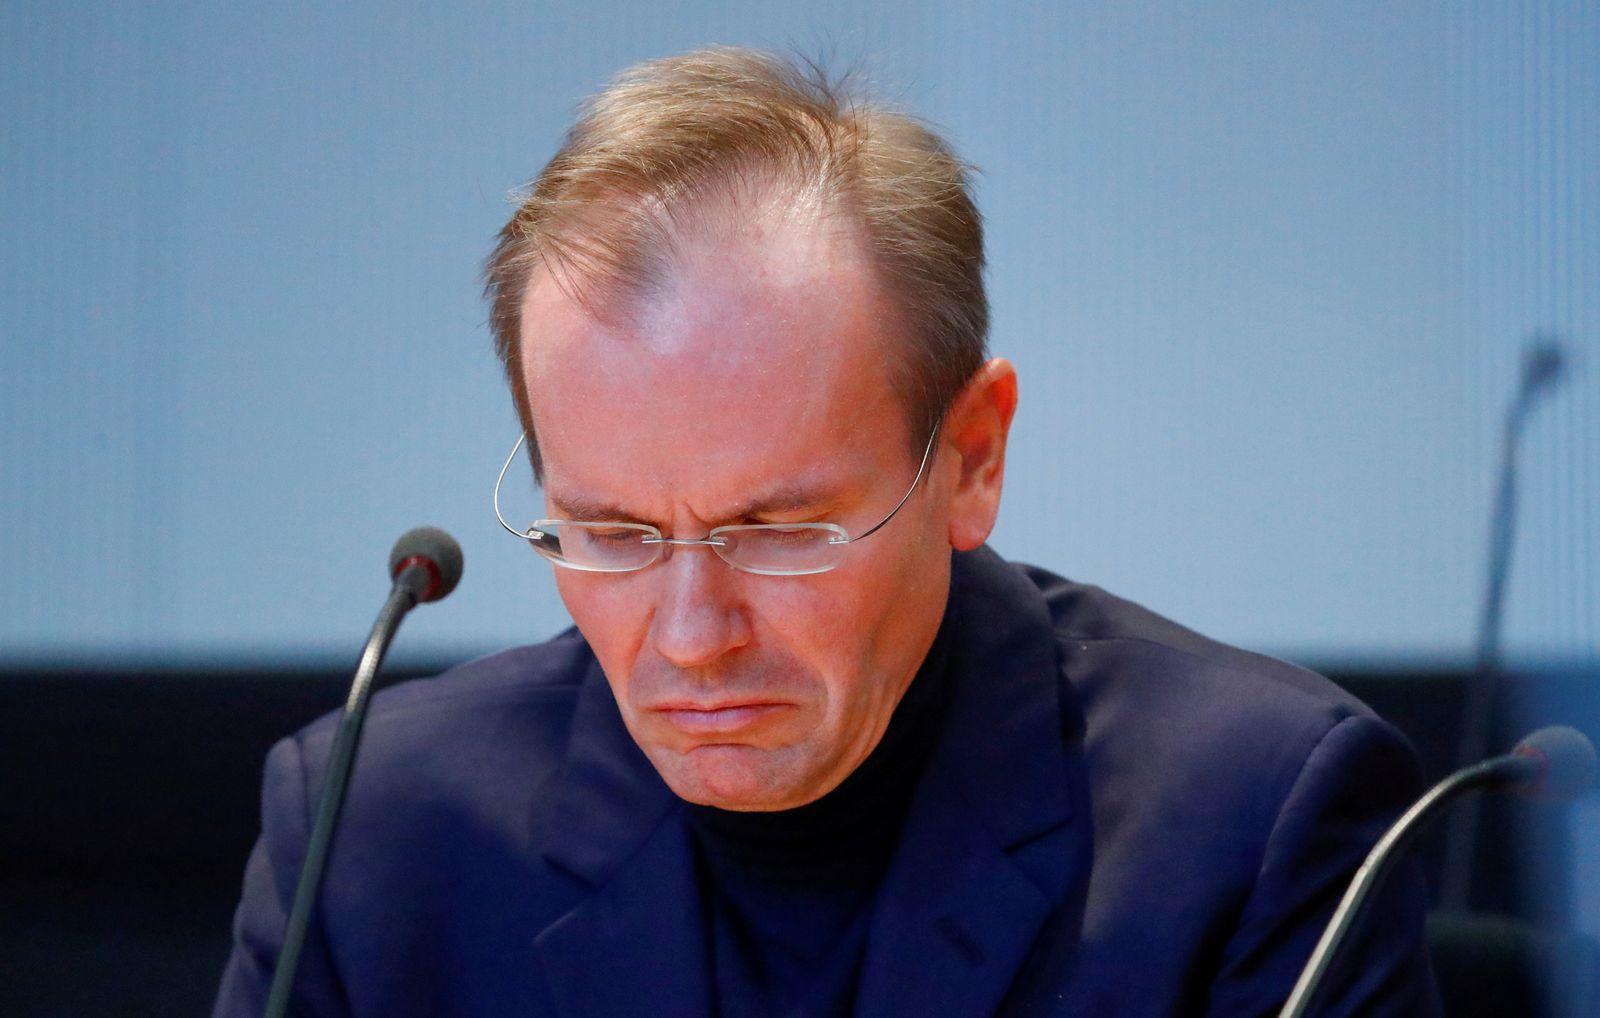 FILE PHOTO: Former Wirecard CEO testifies before German parliamentary committee in Berlin